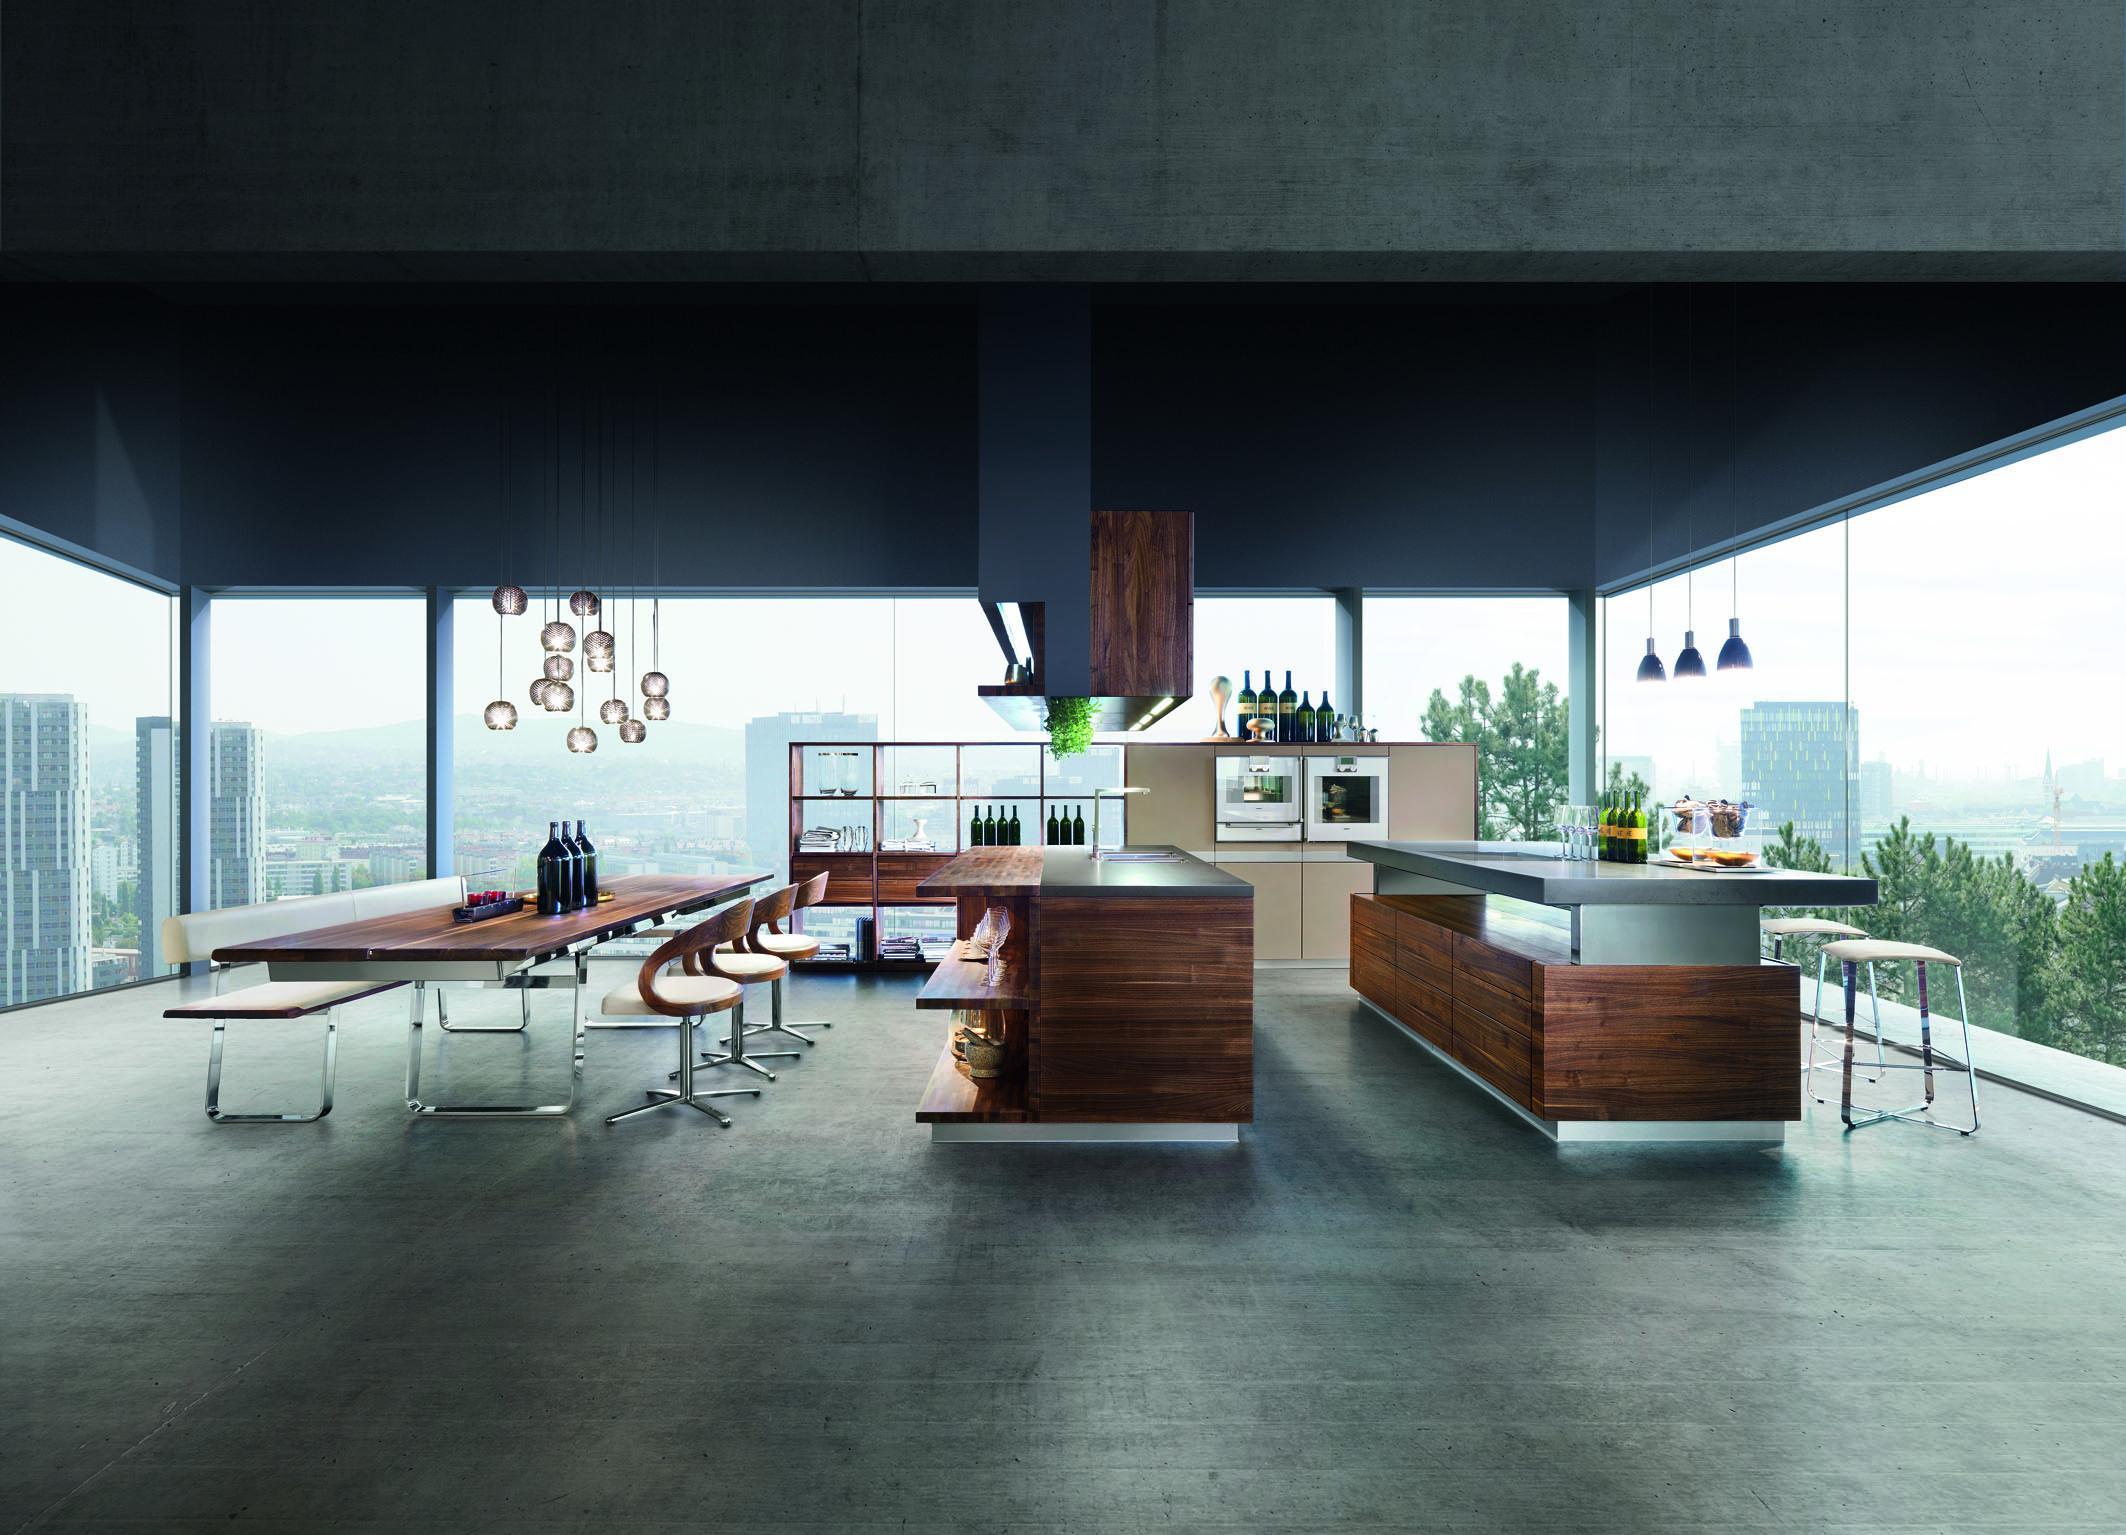 Küche Architektur open space architektur mit team 7 möbeln küche tea